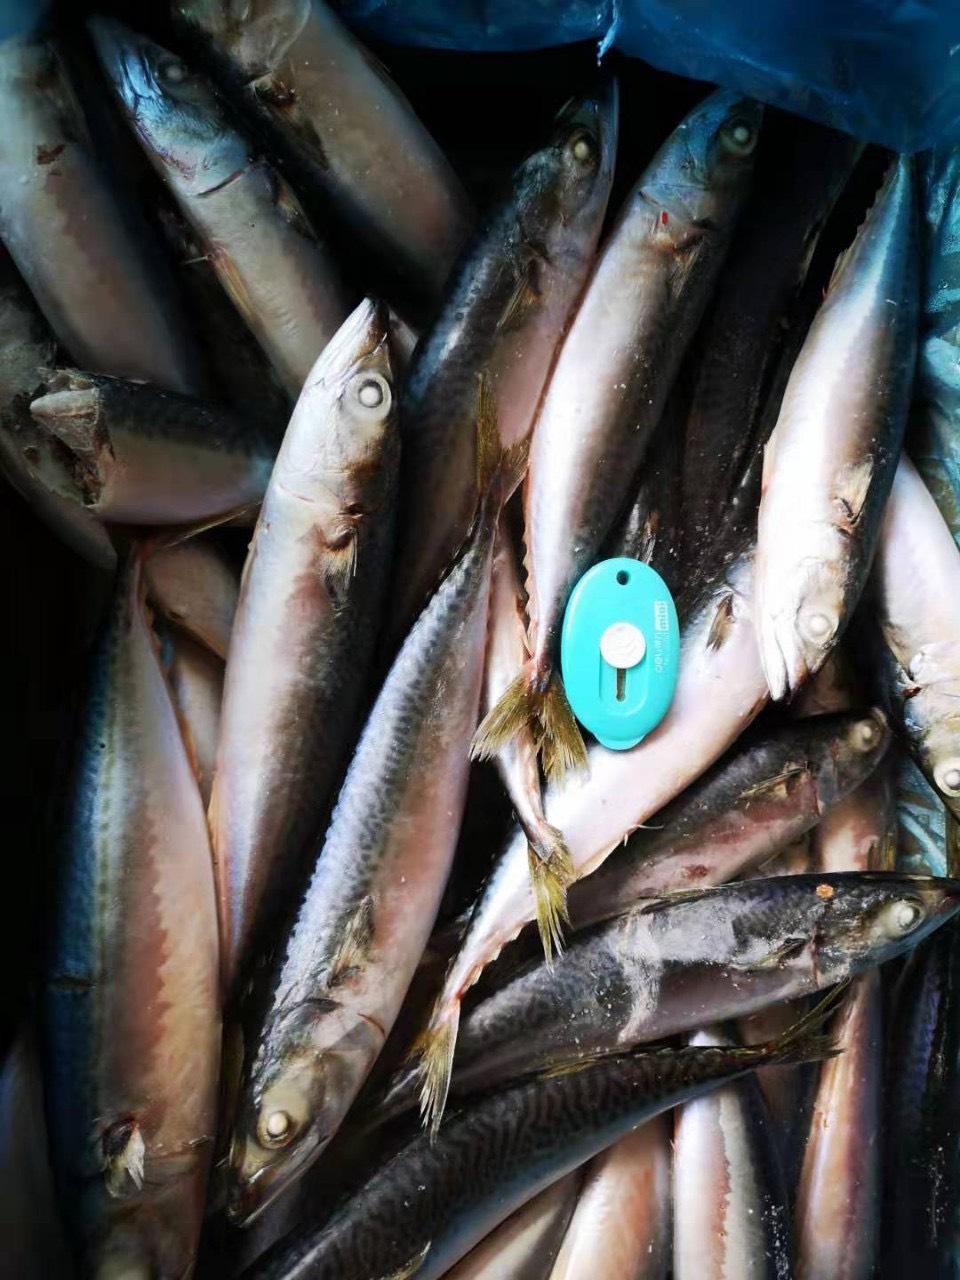 Diễn đàn rao vặt: Săn hải sản nhập khẩu Siêu ngon Siêu chất lượng Dadea32775c99297cbd8